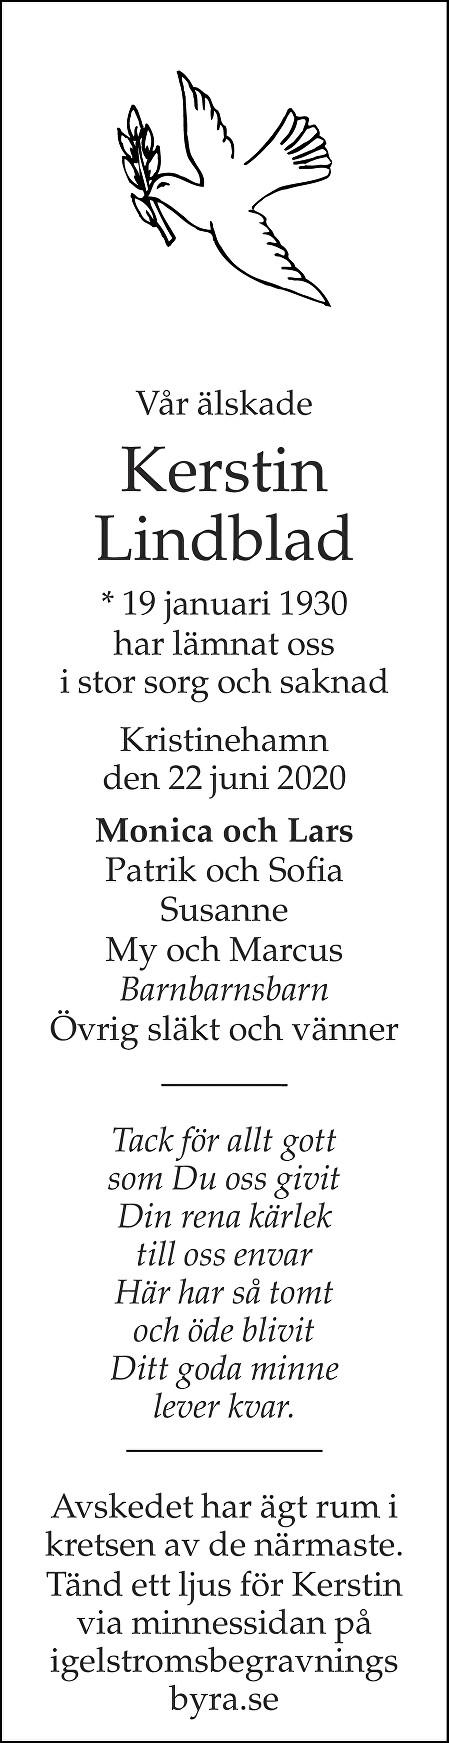 Kerstin Lindblad Death notice